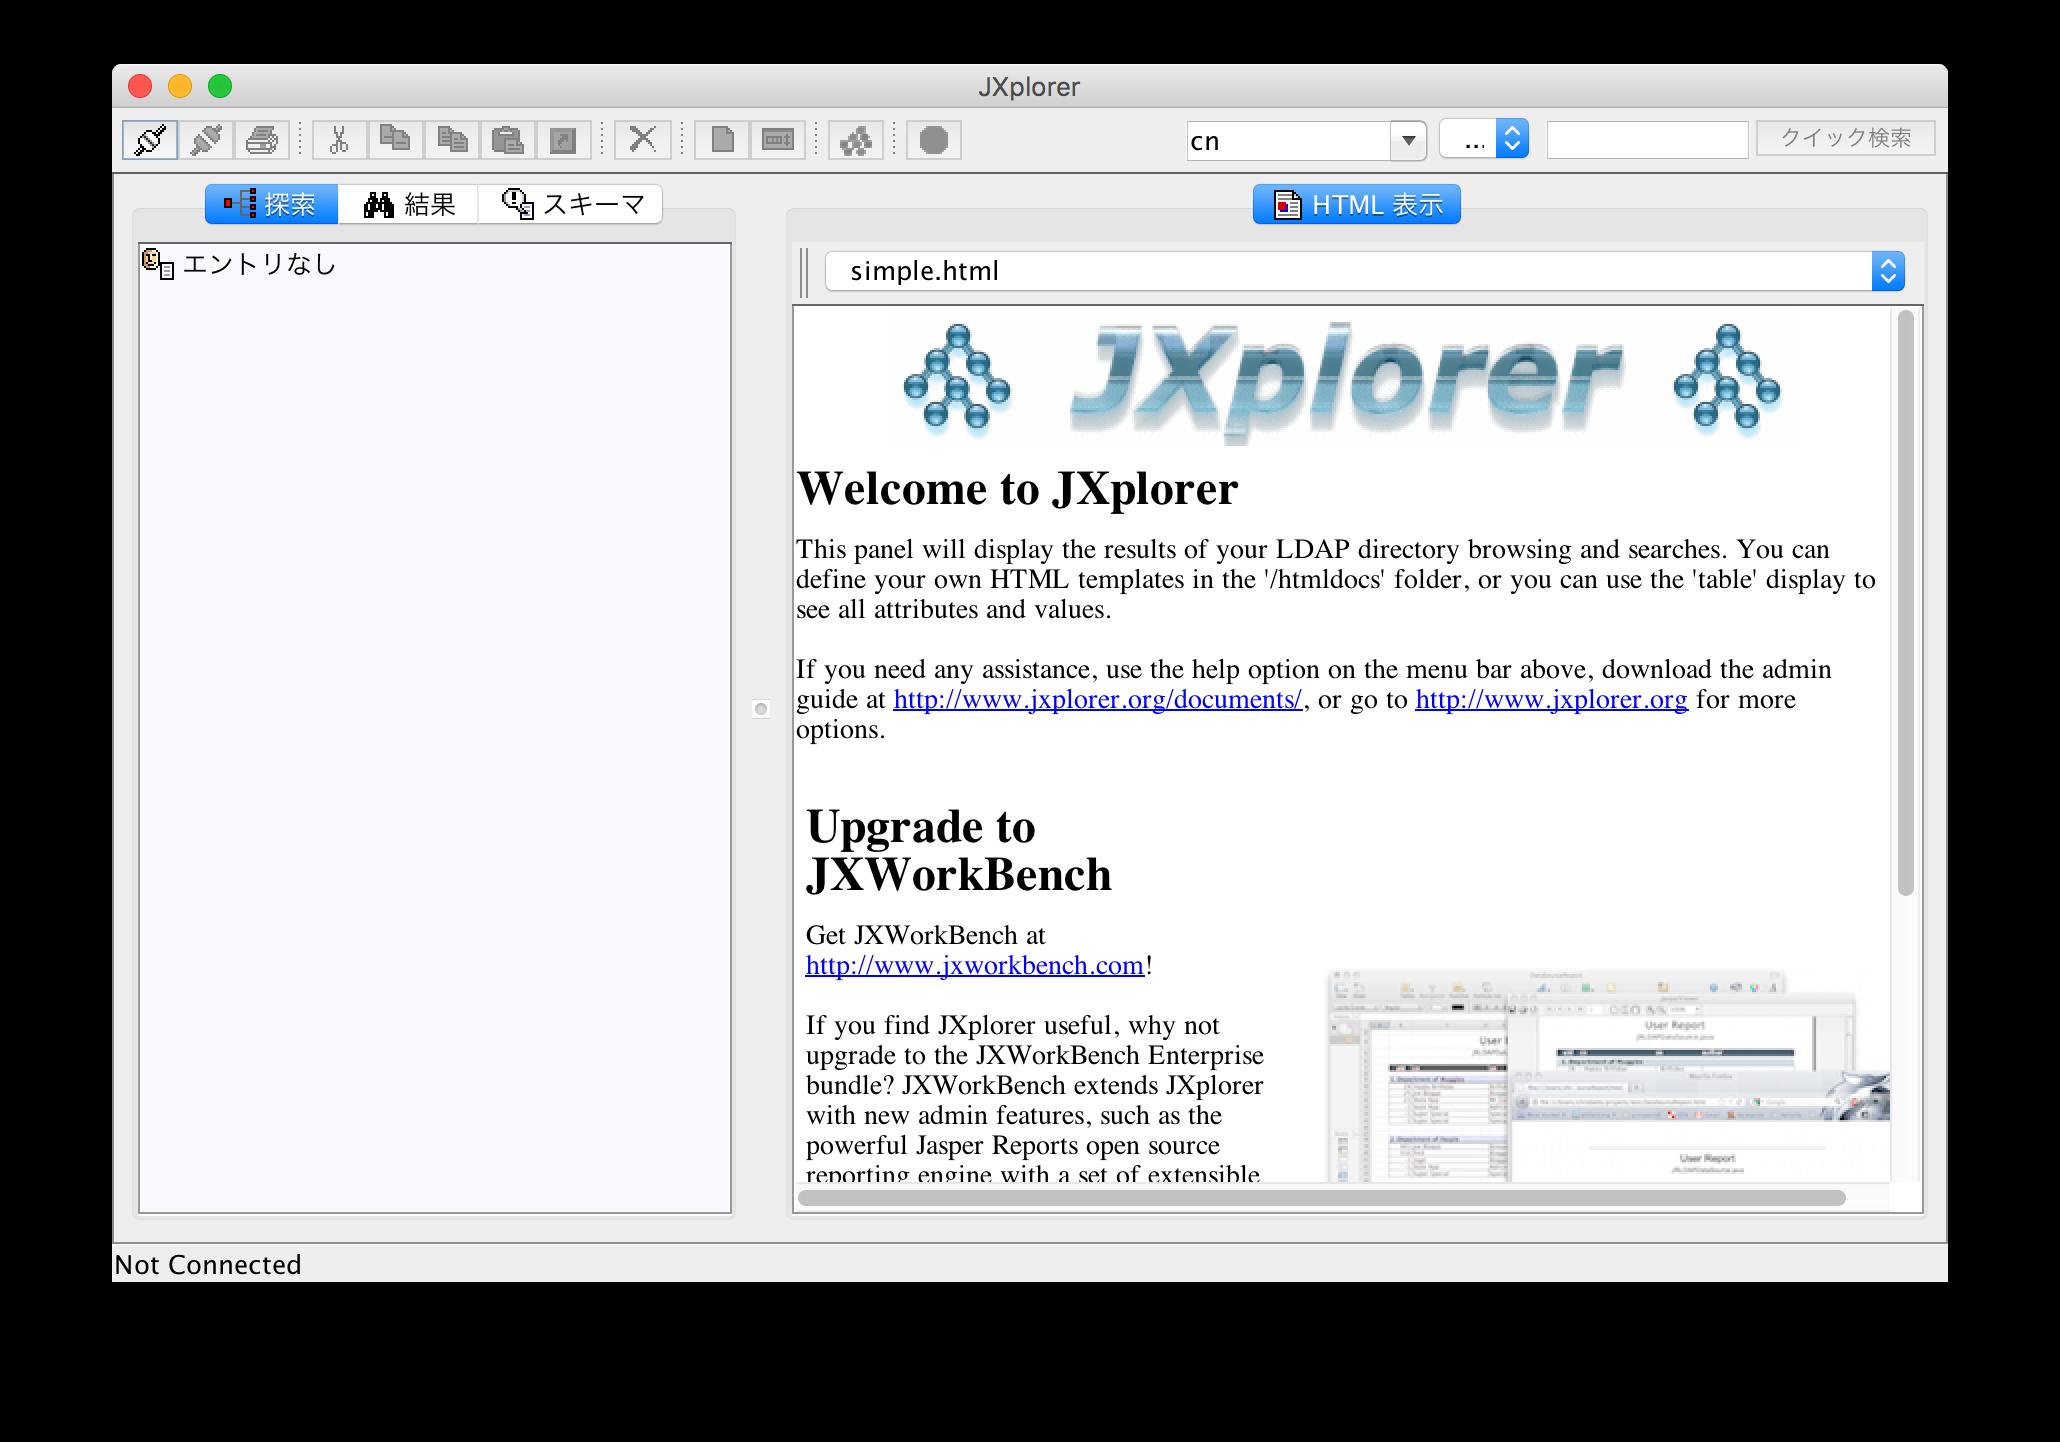 JXplorer001.png